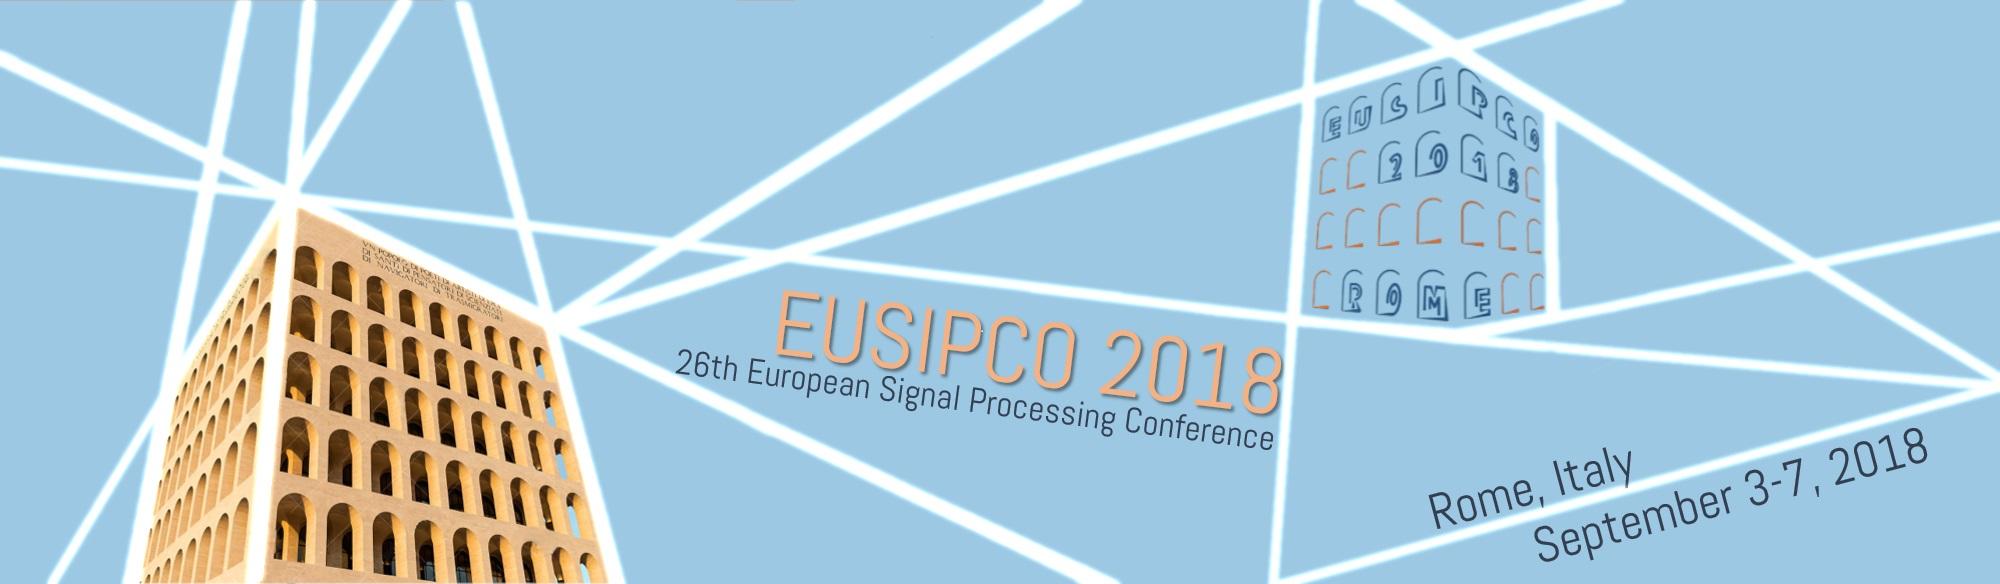 EUSIPCO 2018: 2018 26th European Signal Processing